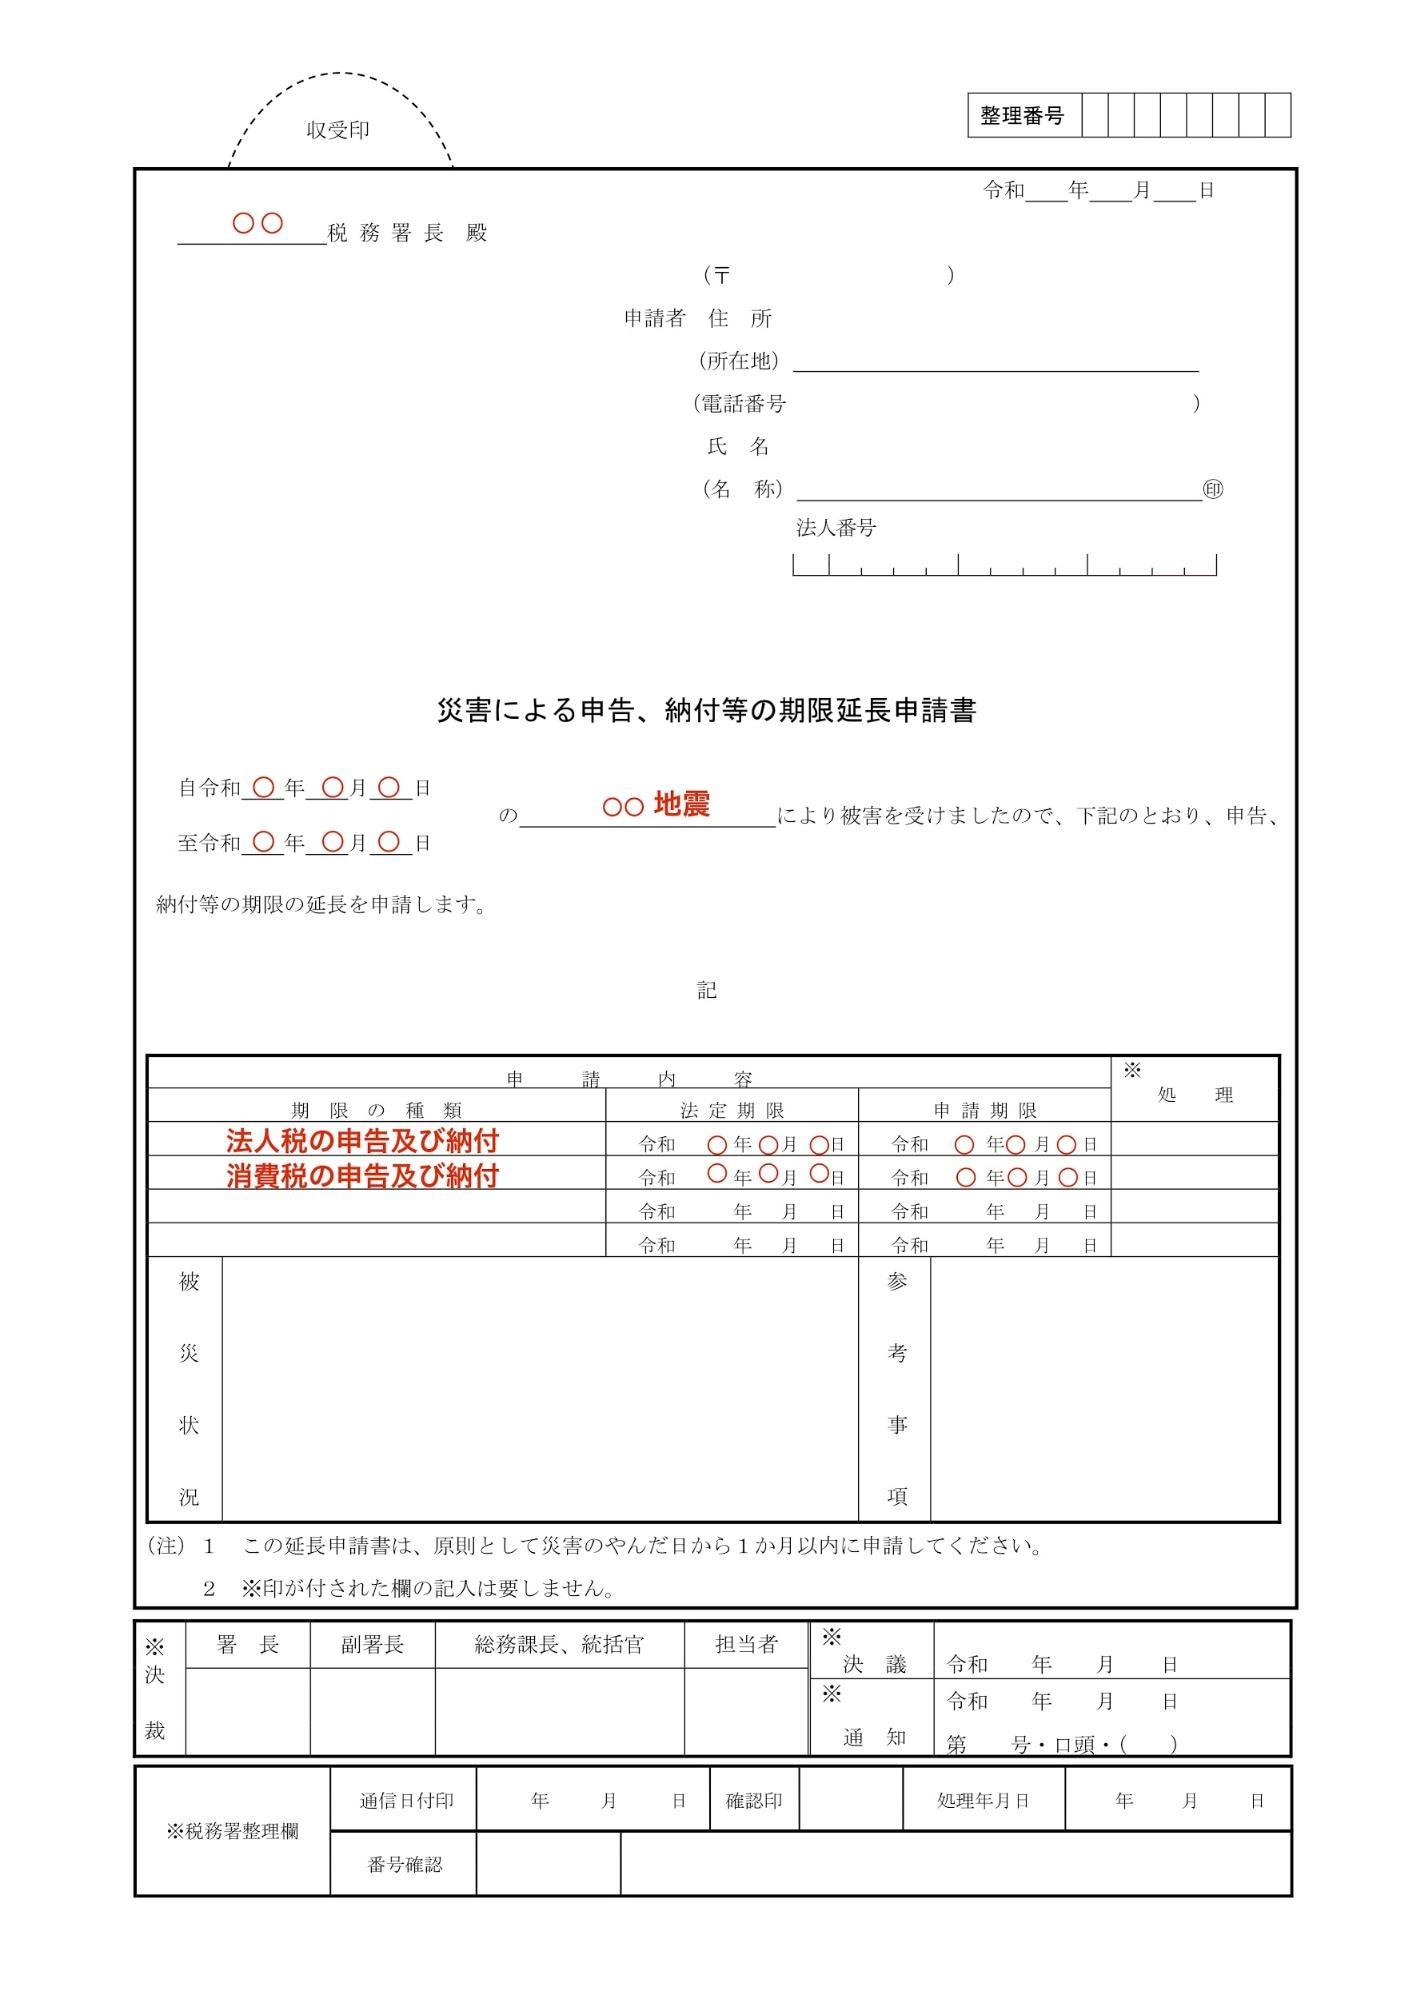 災害による申告、納付等の期限延長申請書.jpg